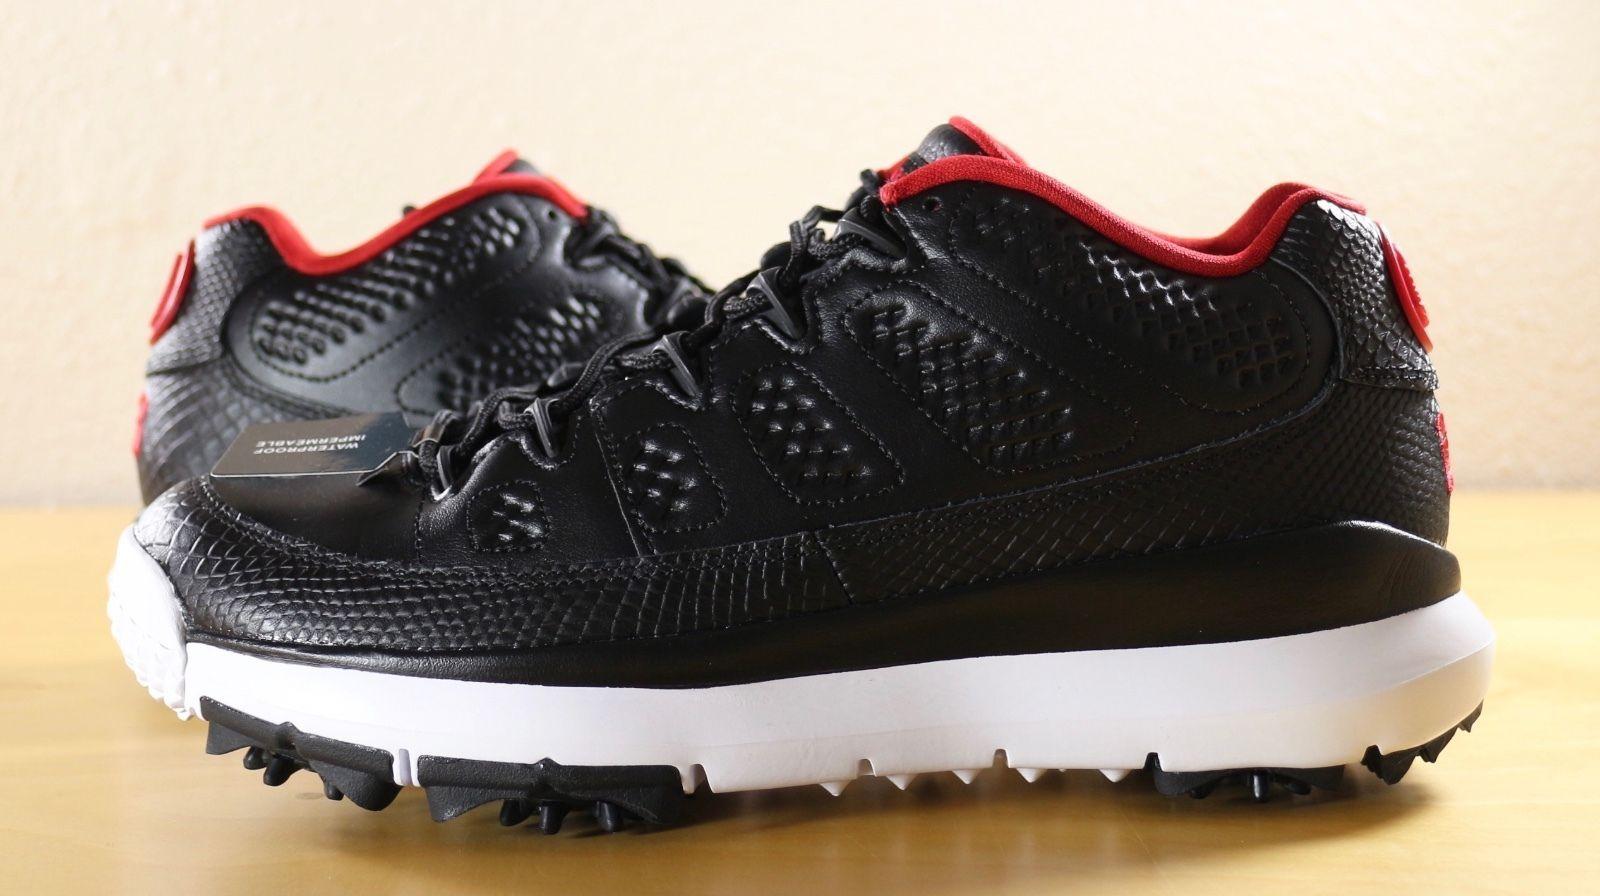 86af3748663a New Nike Air Jordan 9 IX Retro Golf Shoes Cleats Black Red Bred 833798-002  sz 10